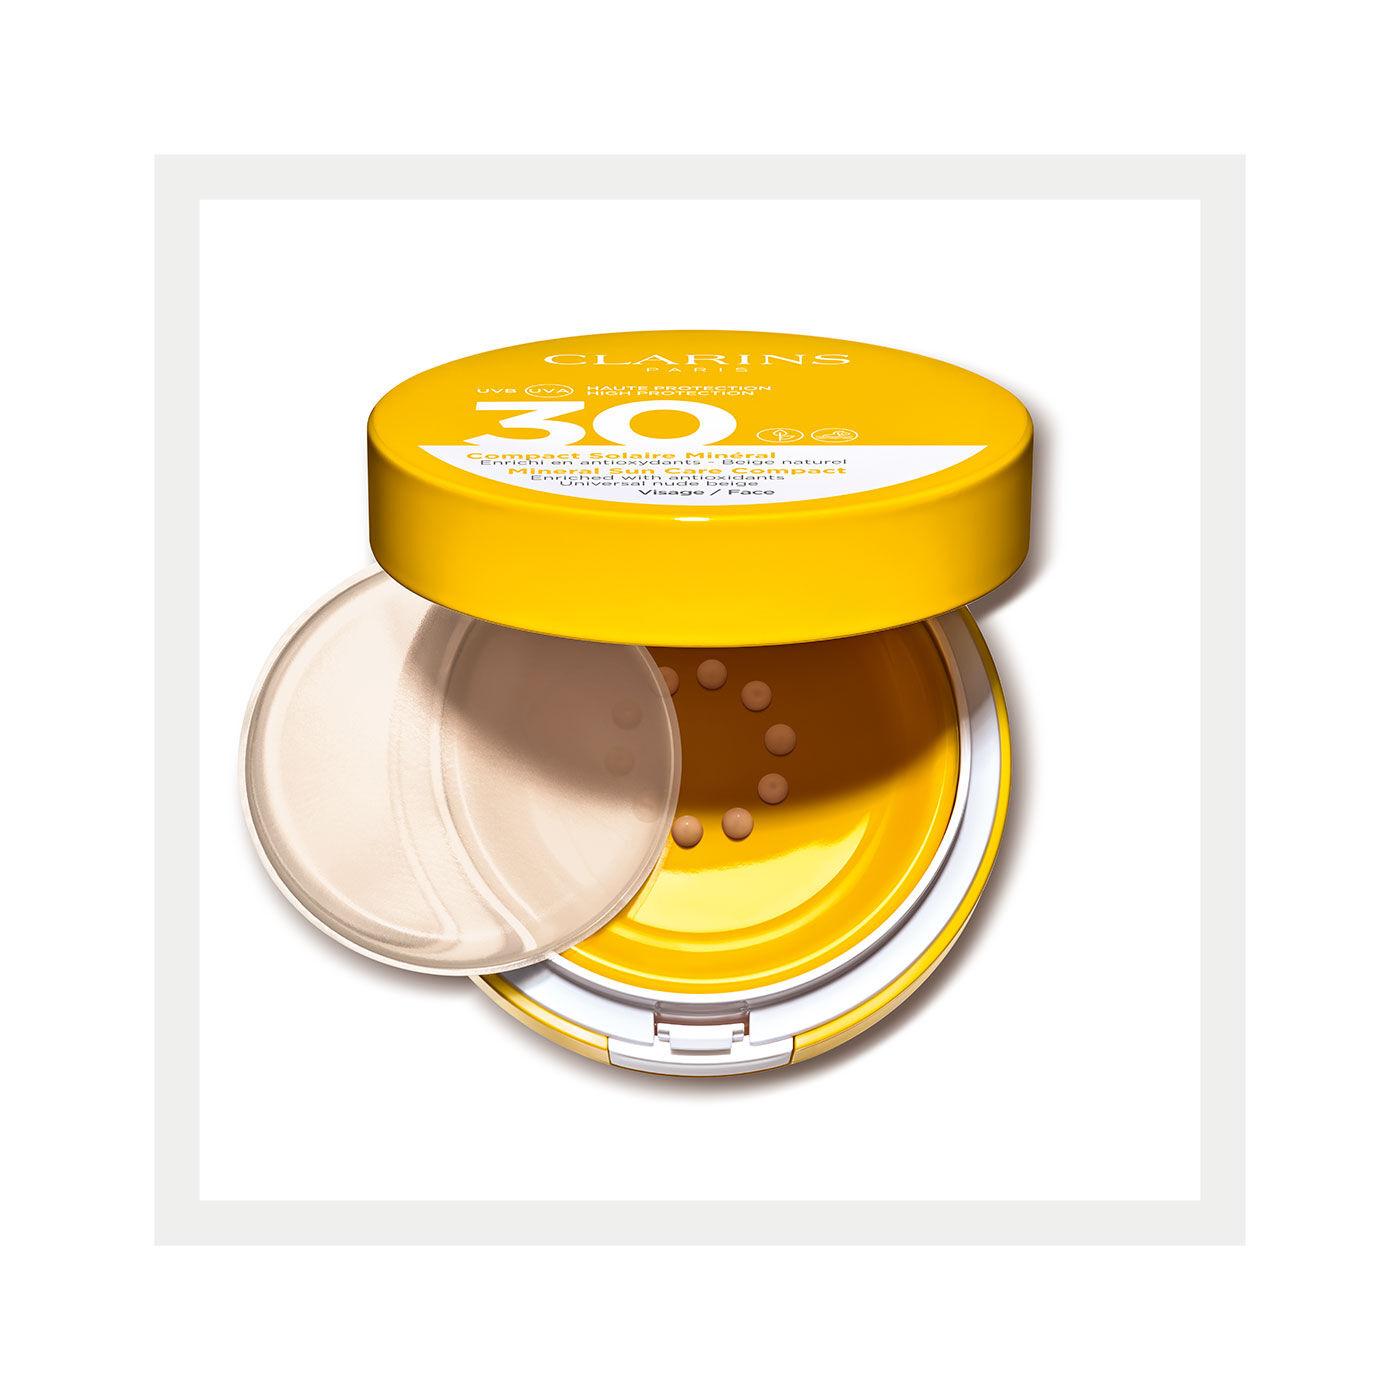 Sonnenschutz-Fluid für das Gesicht mit Beauty-Effekt UVA/UVB 30